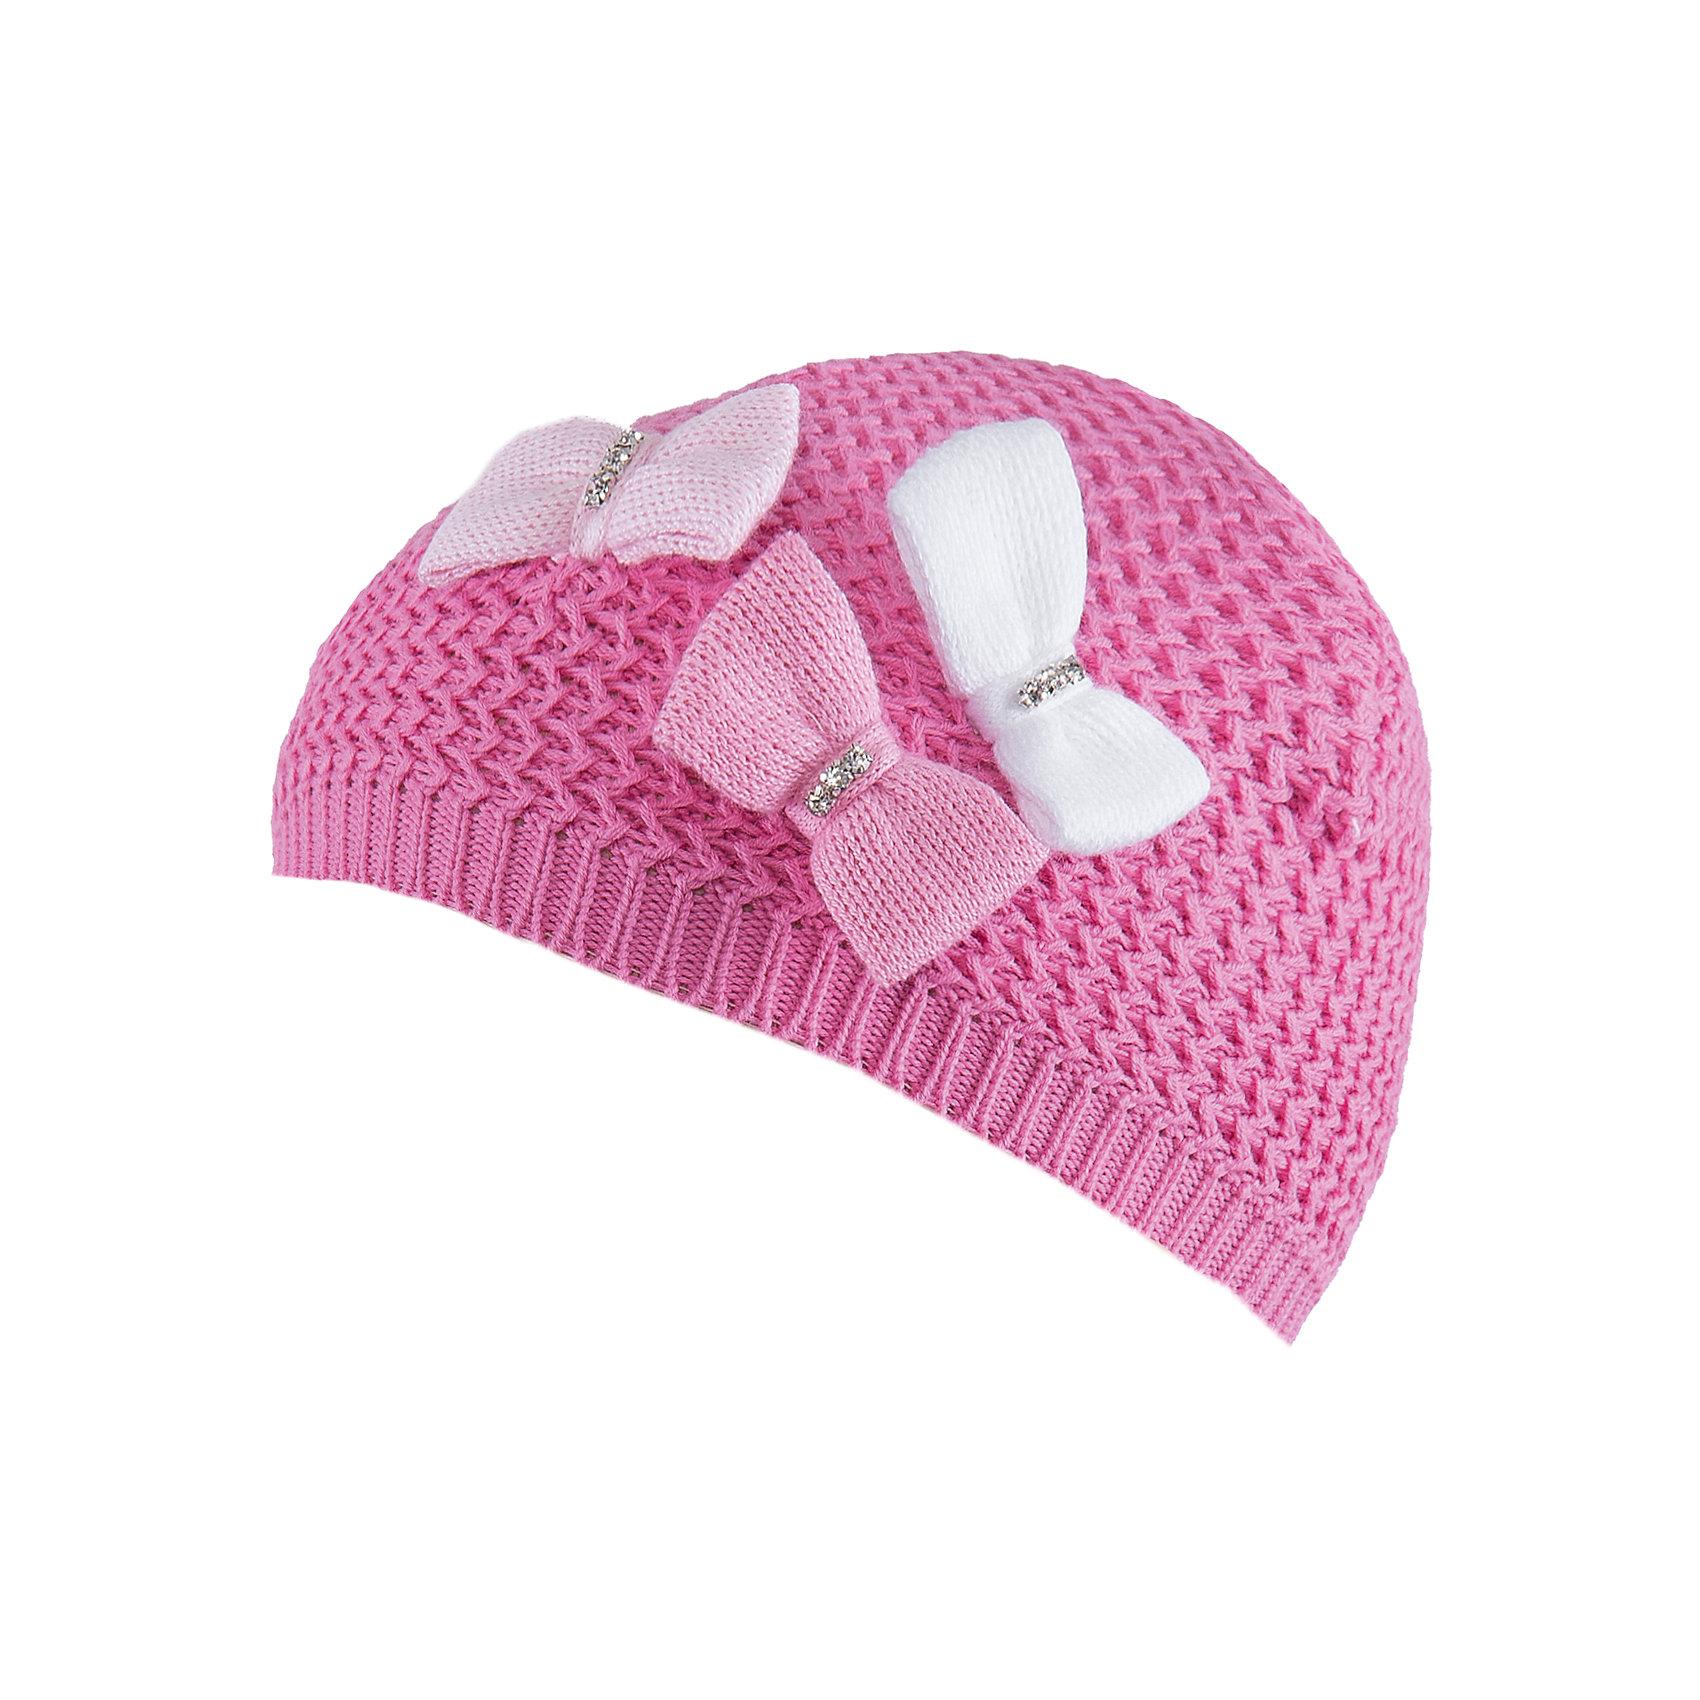 Шапка для девочки АртельШапка для девочки от торговой марки Артель <br><br>Модная шапка отлично смотрится на детях и комфортно сидит. Эта модель создана специально для девочек. Изделие выполнено из качественных материалов. Отличный вариант для переменной погоды межсезонья! <br>Одежда от бренда Артель – это высокое качество по приемлемой цене и всегда продуманный дизайн. <br><br>Особенности модели: <br>- цвет — розовый; <br>- украшена текстильными бантами; <br>- натуральный хлопок. <br><br>Дополнительная информация: <br><br>Состав: 100% хлопок.<br><br><br>Температурный режим: <br>от -10 °C до +10 °C <br><br>Шапку для девочки Артель (Artel) можно купить в нашем магазине.<br><br>Ширина мм: 89<br>Глубина мм: 117<br>Высота мм: 44<br>Вес г: 155<br>Цвет: розовый<br>Возраст от месяцев: 18<br>Возраст до месяцев: 24<br>Пол: Женский<br>Возраст: Детский<br>Размер: 48,52,50,46<br>SKU: 4500505